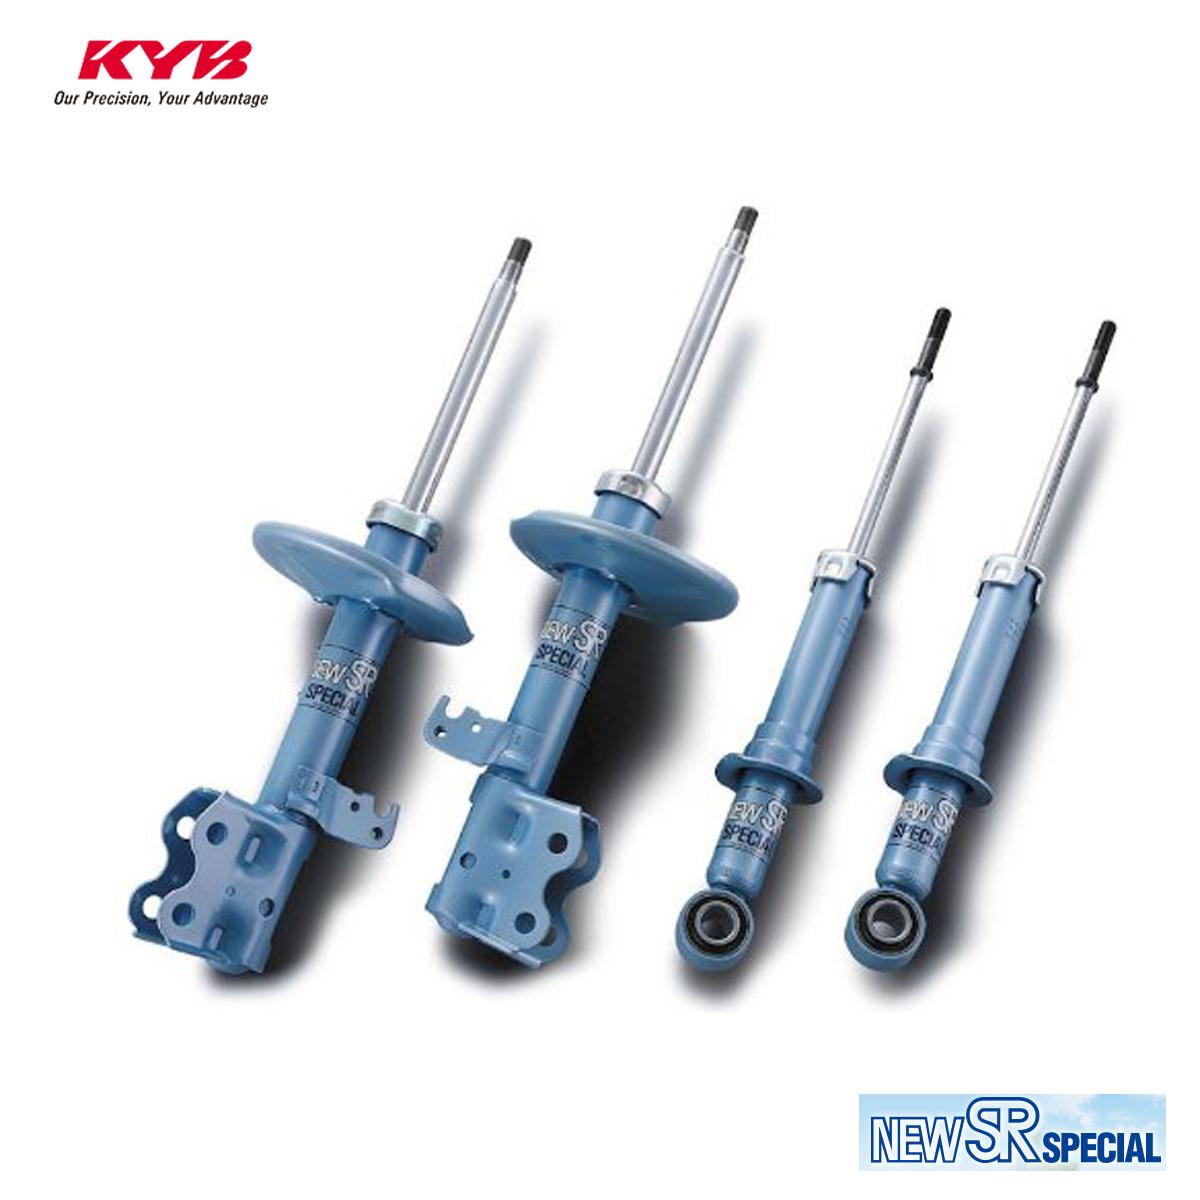 KYB カヤバ セルボ モード CP31S ショックアブソーバー フロント 右用 1本 NEW SR SPECIAL NST8006R 配送先条件有り